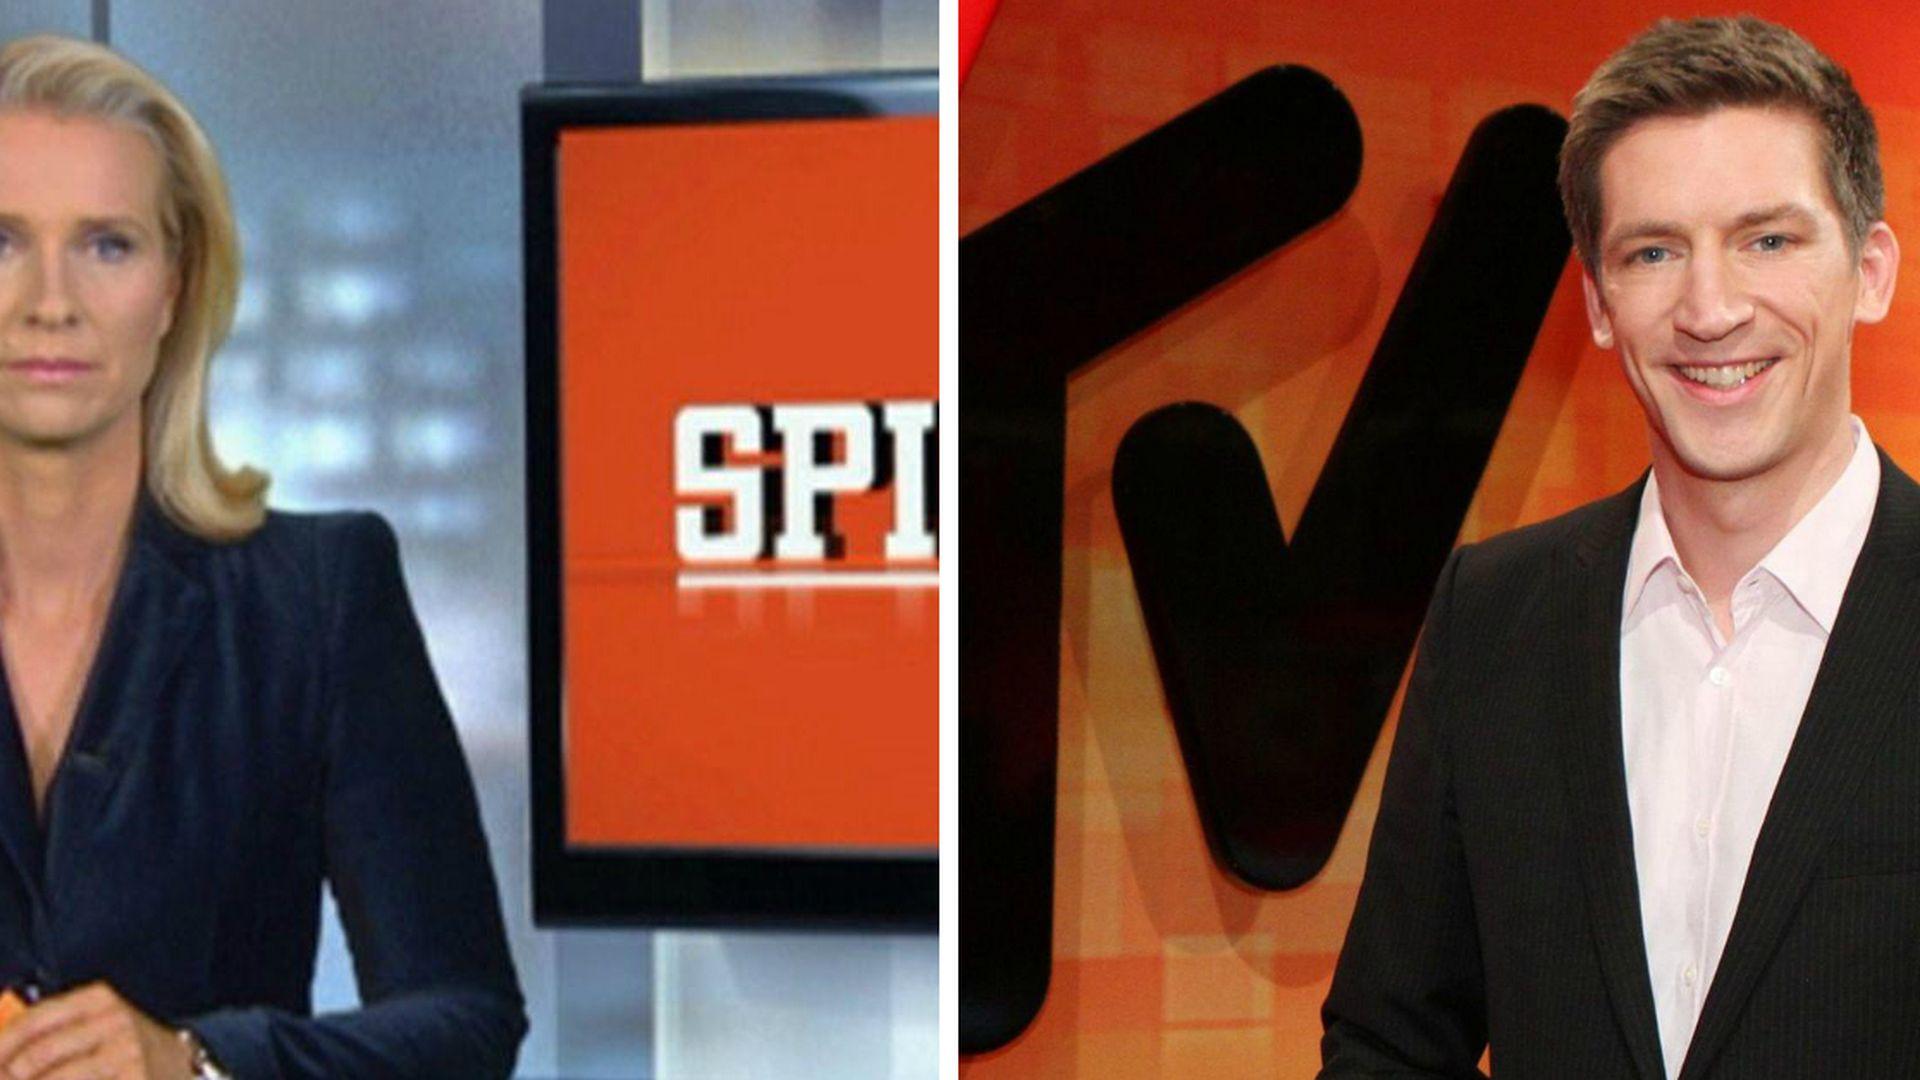 Rtl schmei t spiegel tv und stern tv raus for Spiegel tv video